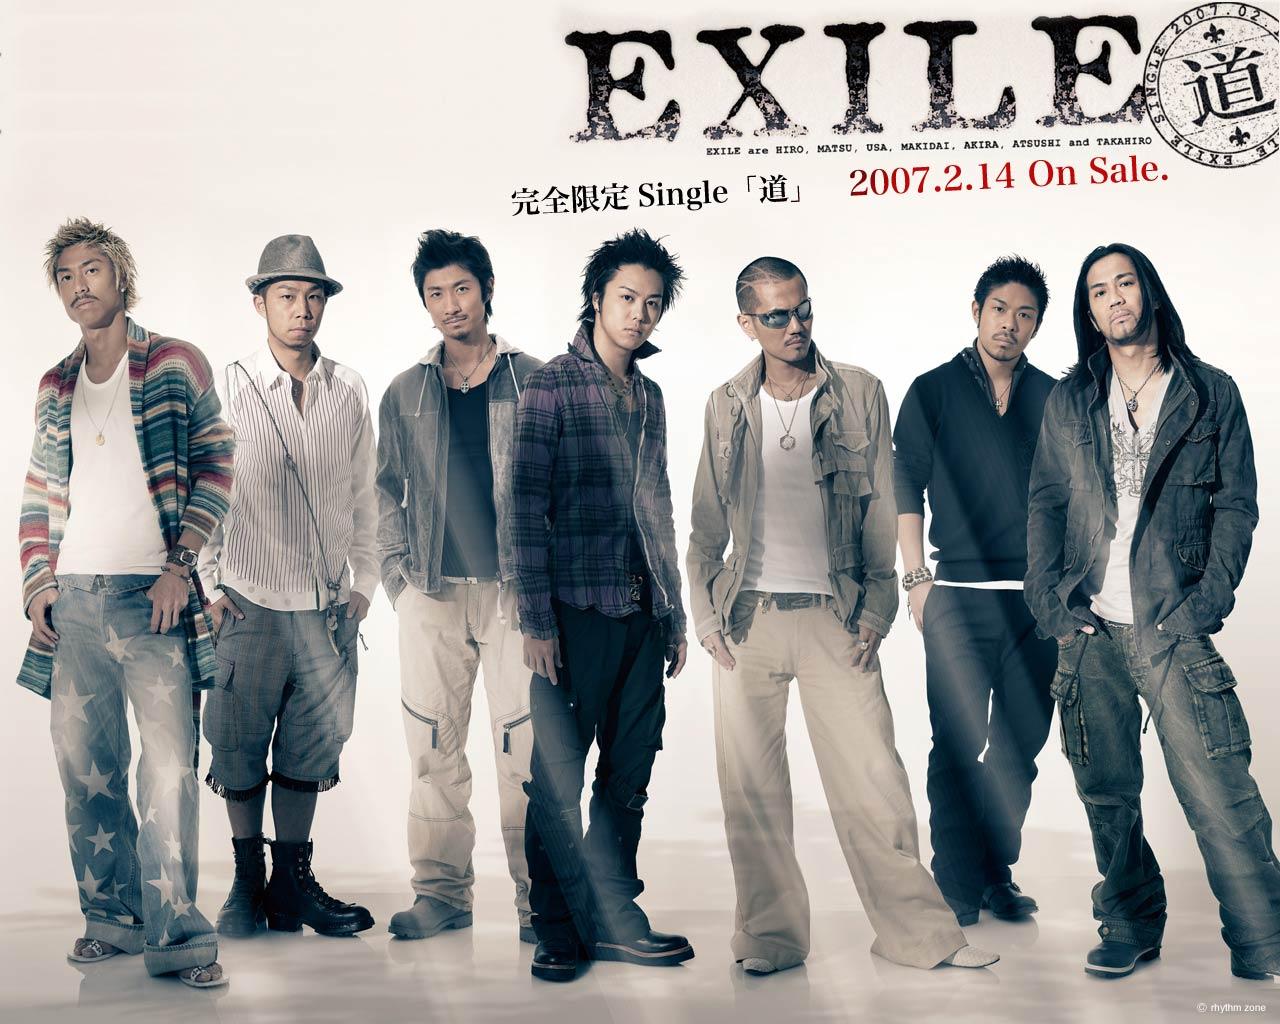 Exile 道 壁紙 まどろんでる トイレットペーパーがまどろんでる なしてそんなにゴリンなん